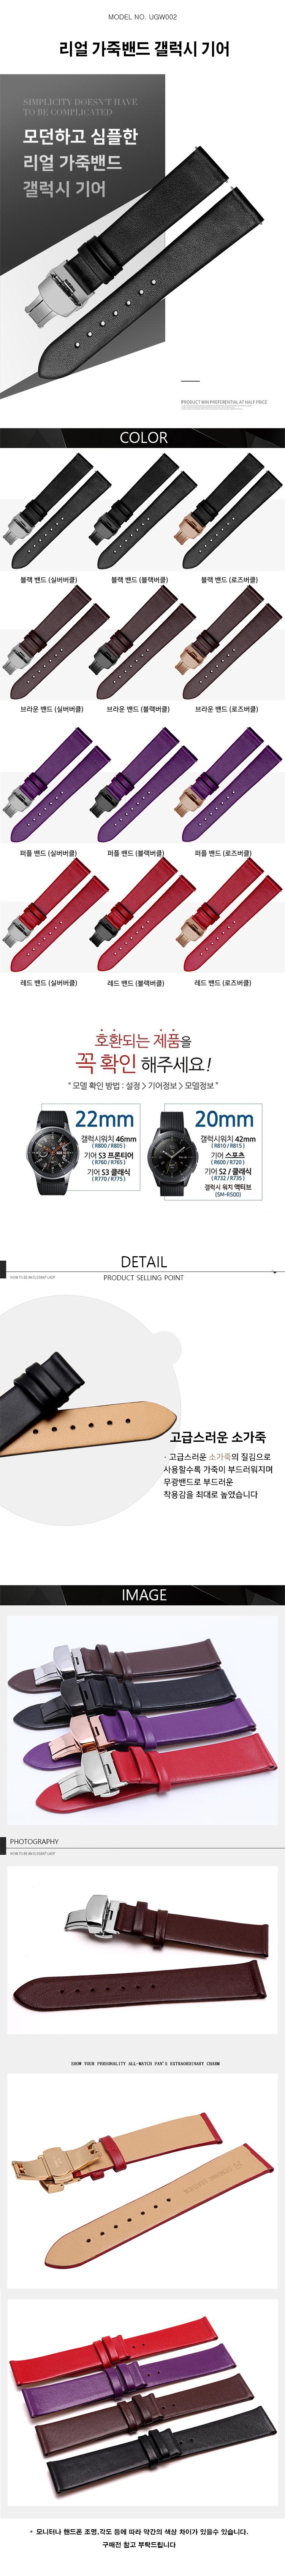 갤럭시워치 기어 S3 프론티어 가죽밴드 스트랩 22mm - 유니커블, 21,800원, 스마트워치/밴드, 스마트워치 밴드